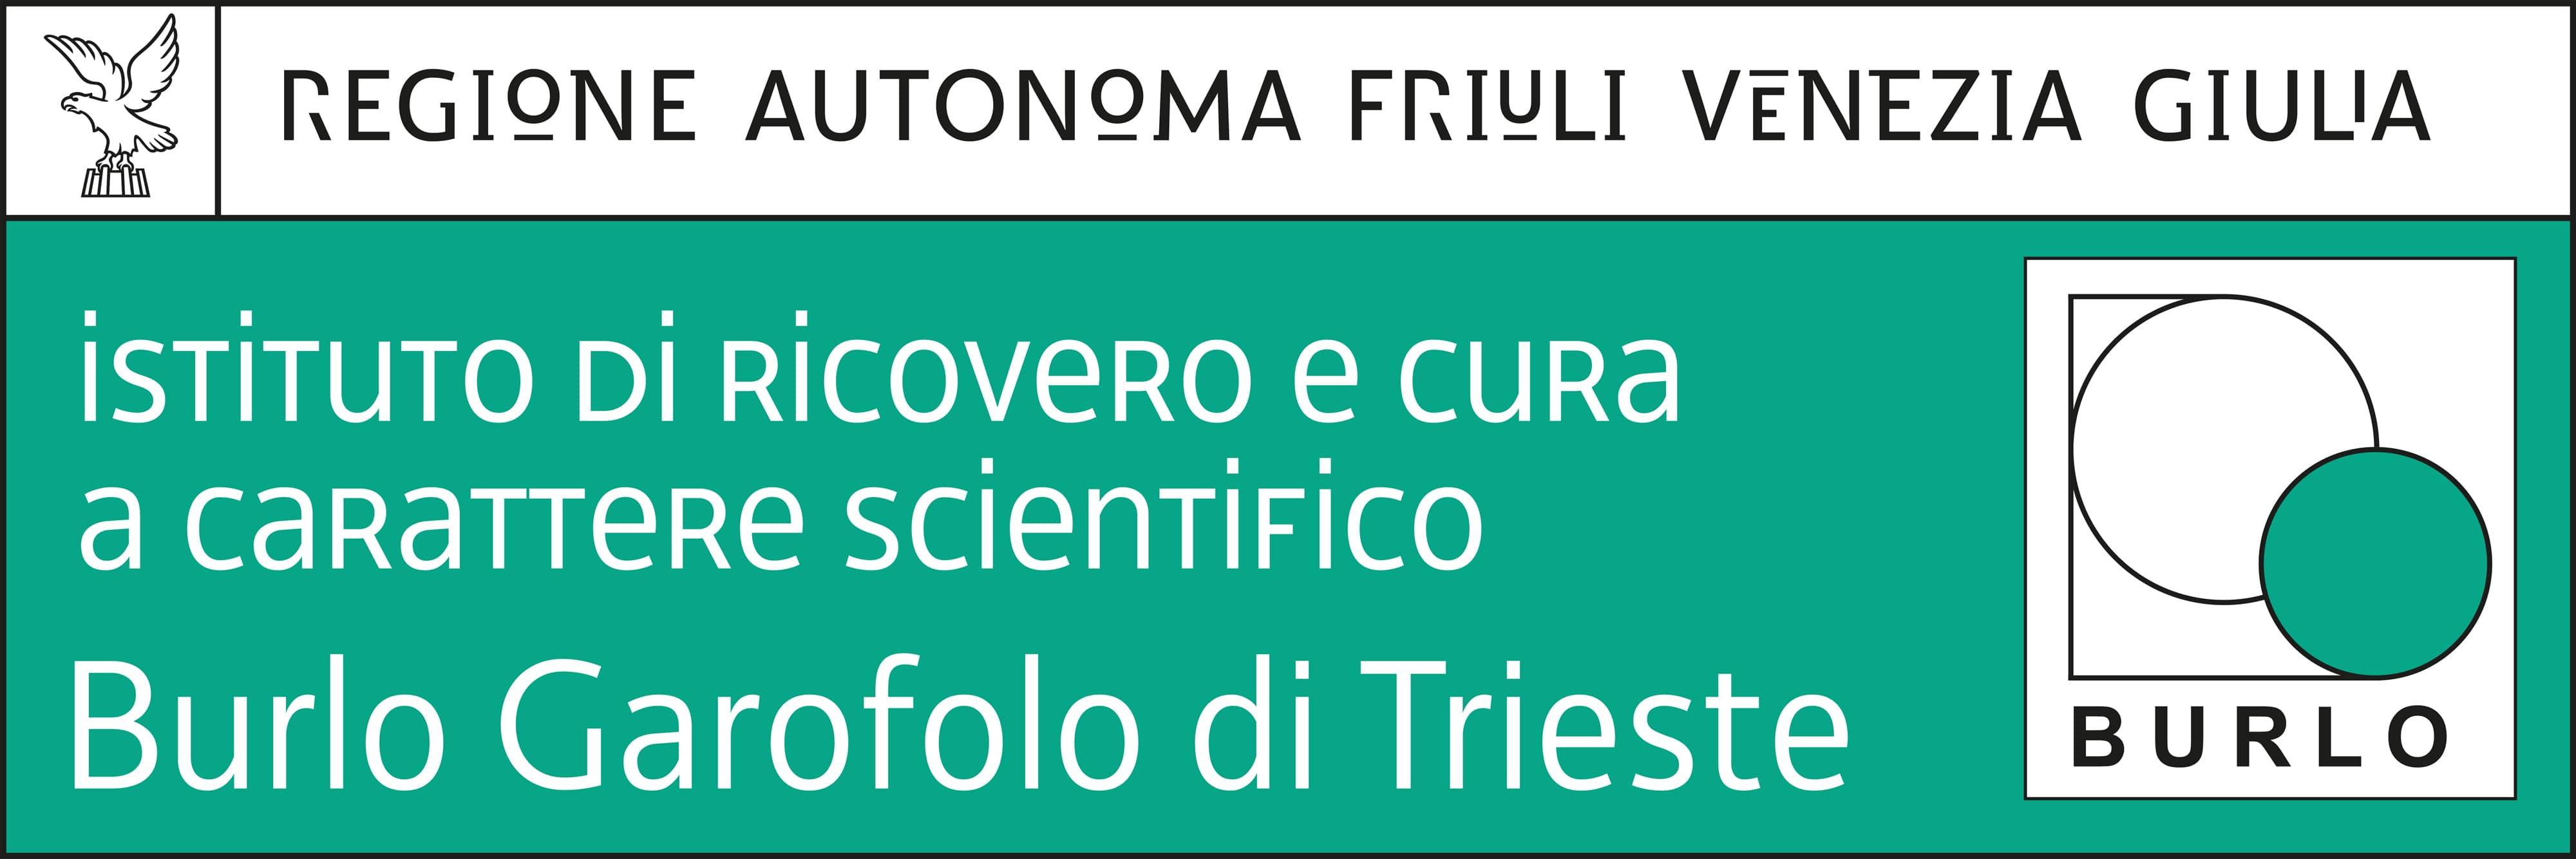 Risultati immagini per ISTITUTO DI RICOVERO E CURA A CARATTERE SCIENTIFICO MATERNO INFANTILE «BURLO GAROFOLO» DI TRIESTE